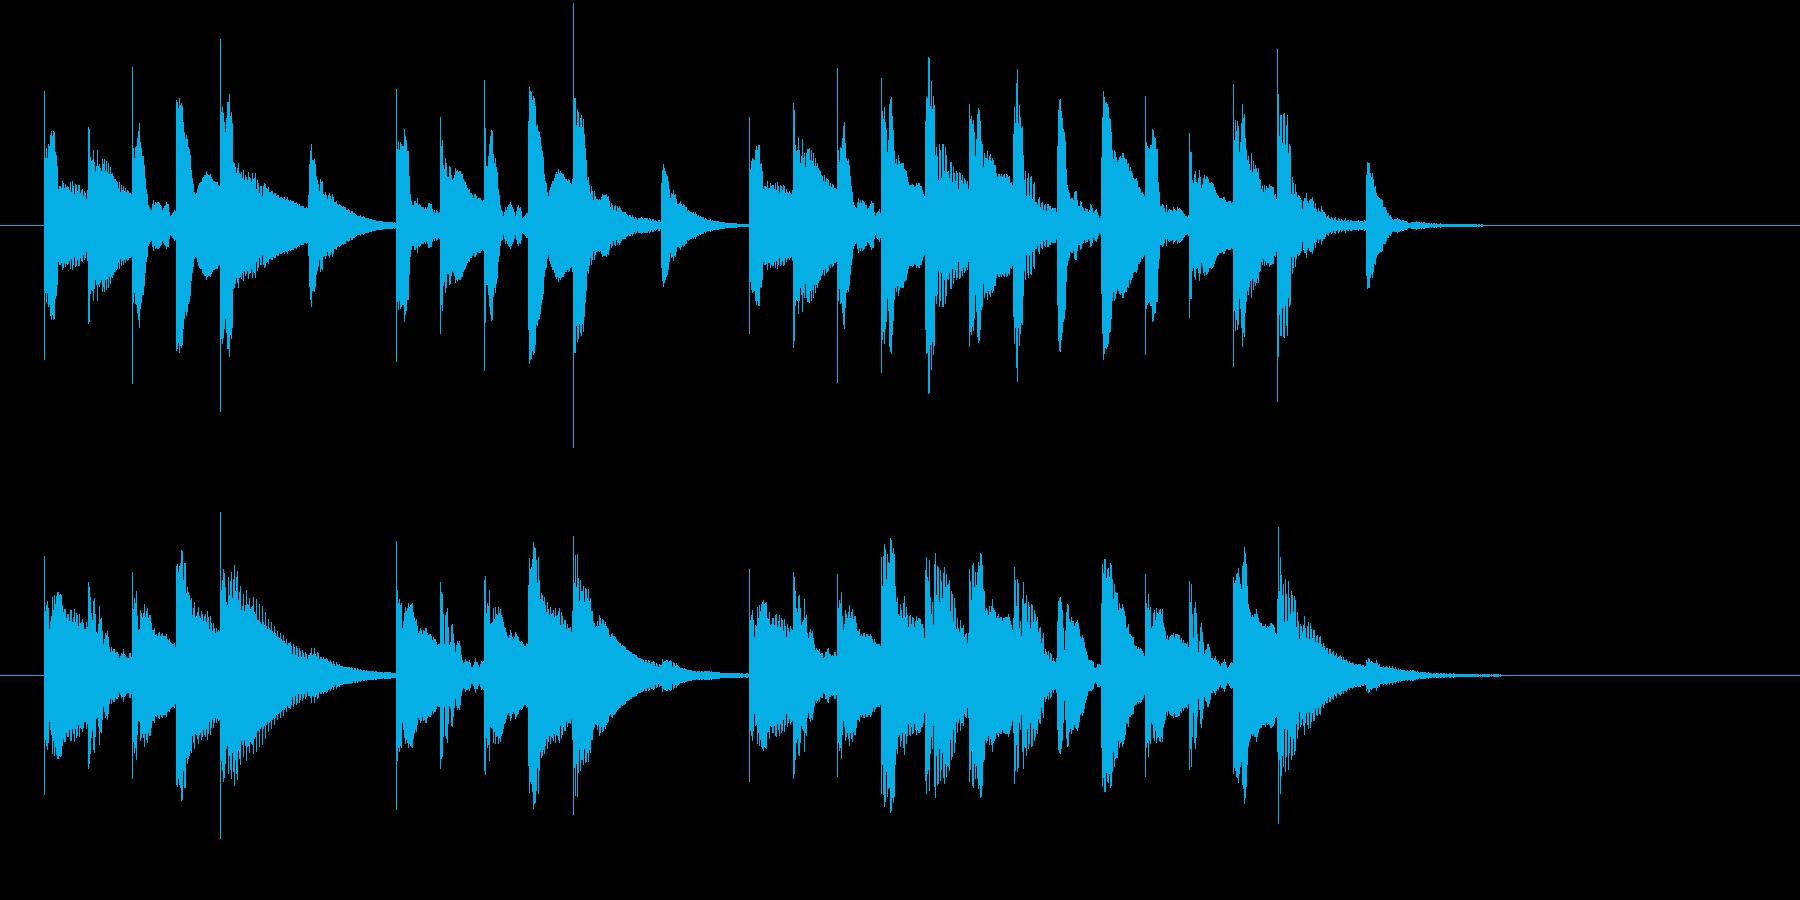 シンキングタイムに使えそうな短いジングルの再生済みの波形